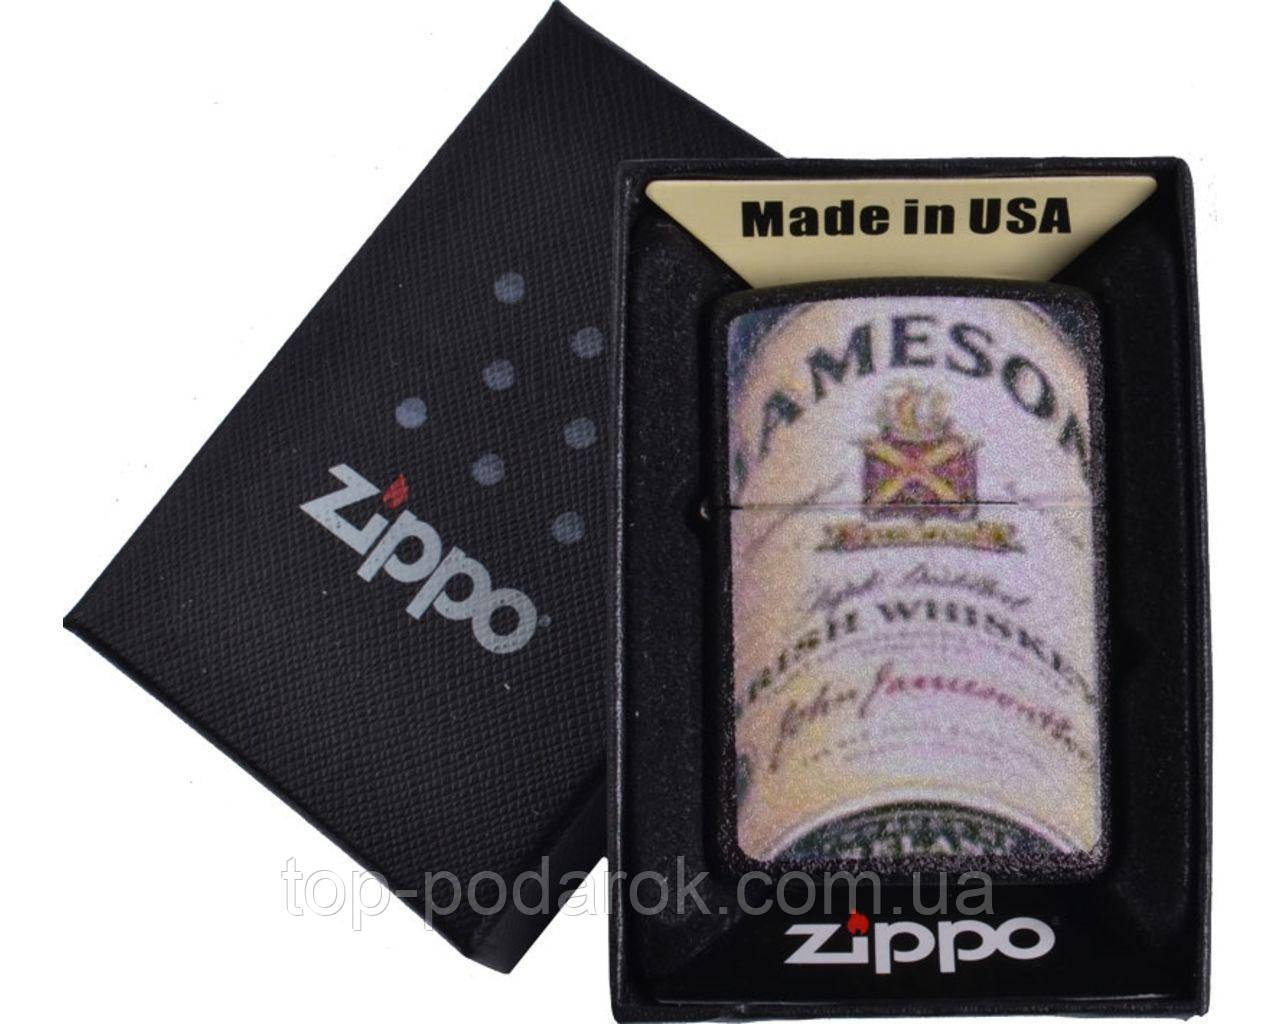 Зажигалка бензиновая Zippo JAMESON в подарочной упаковке